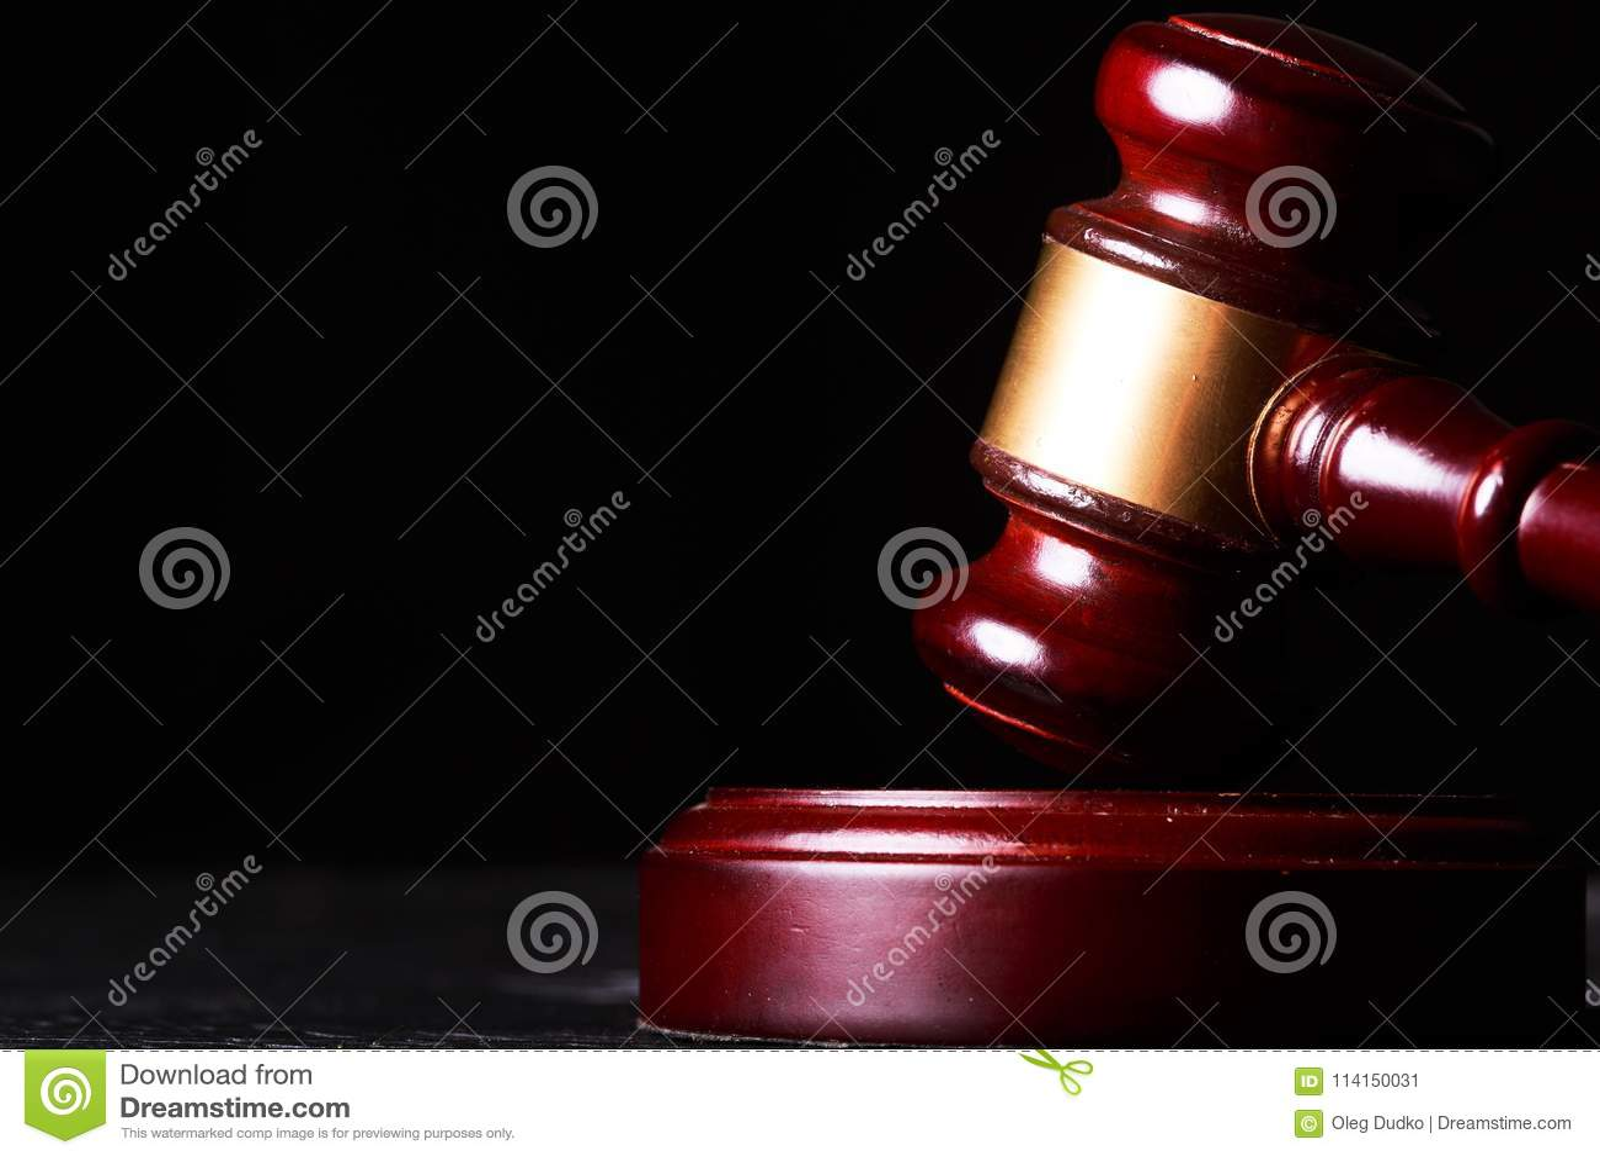 Lawsuit